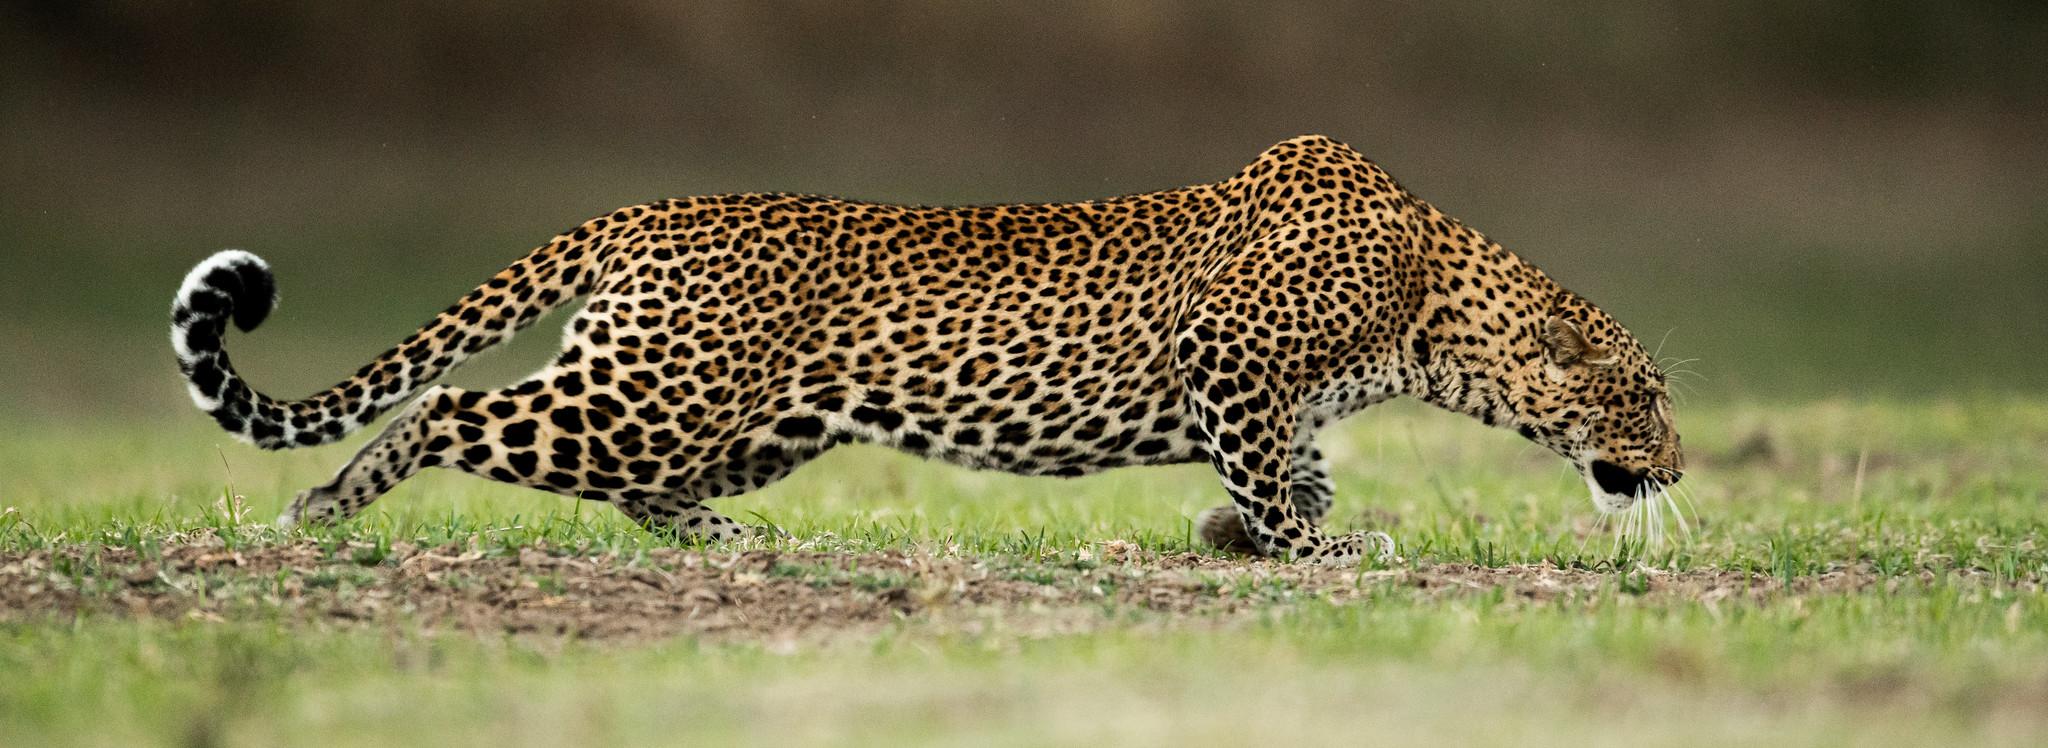 STEALTH - Female Leopard Hunting - Zambia 2019.jpg